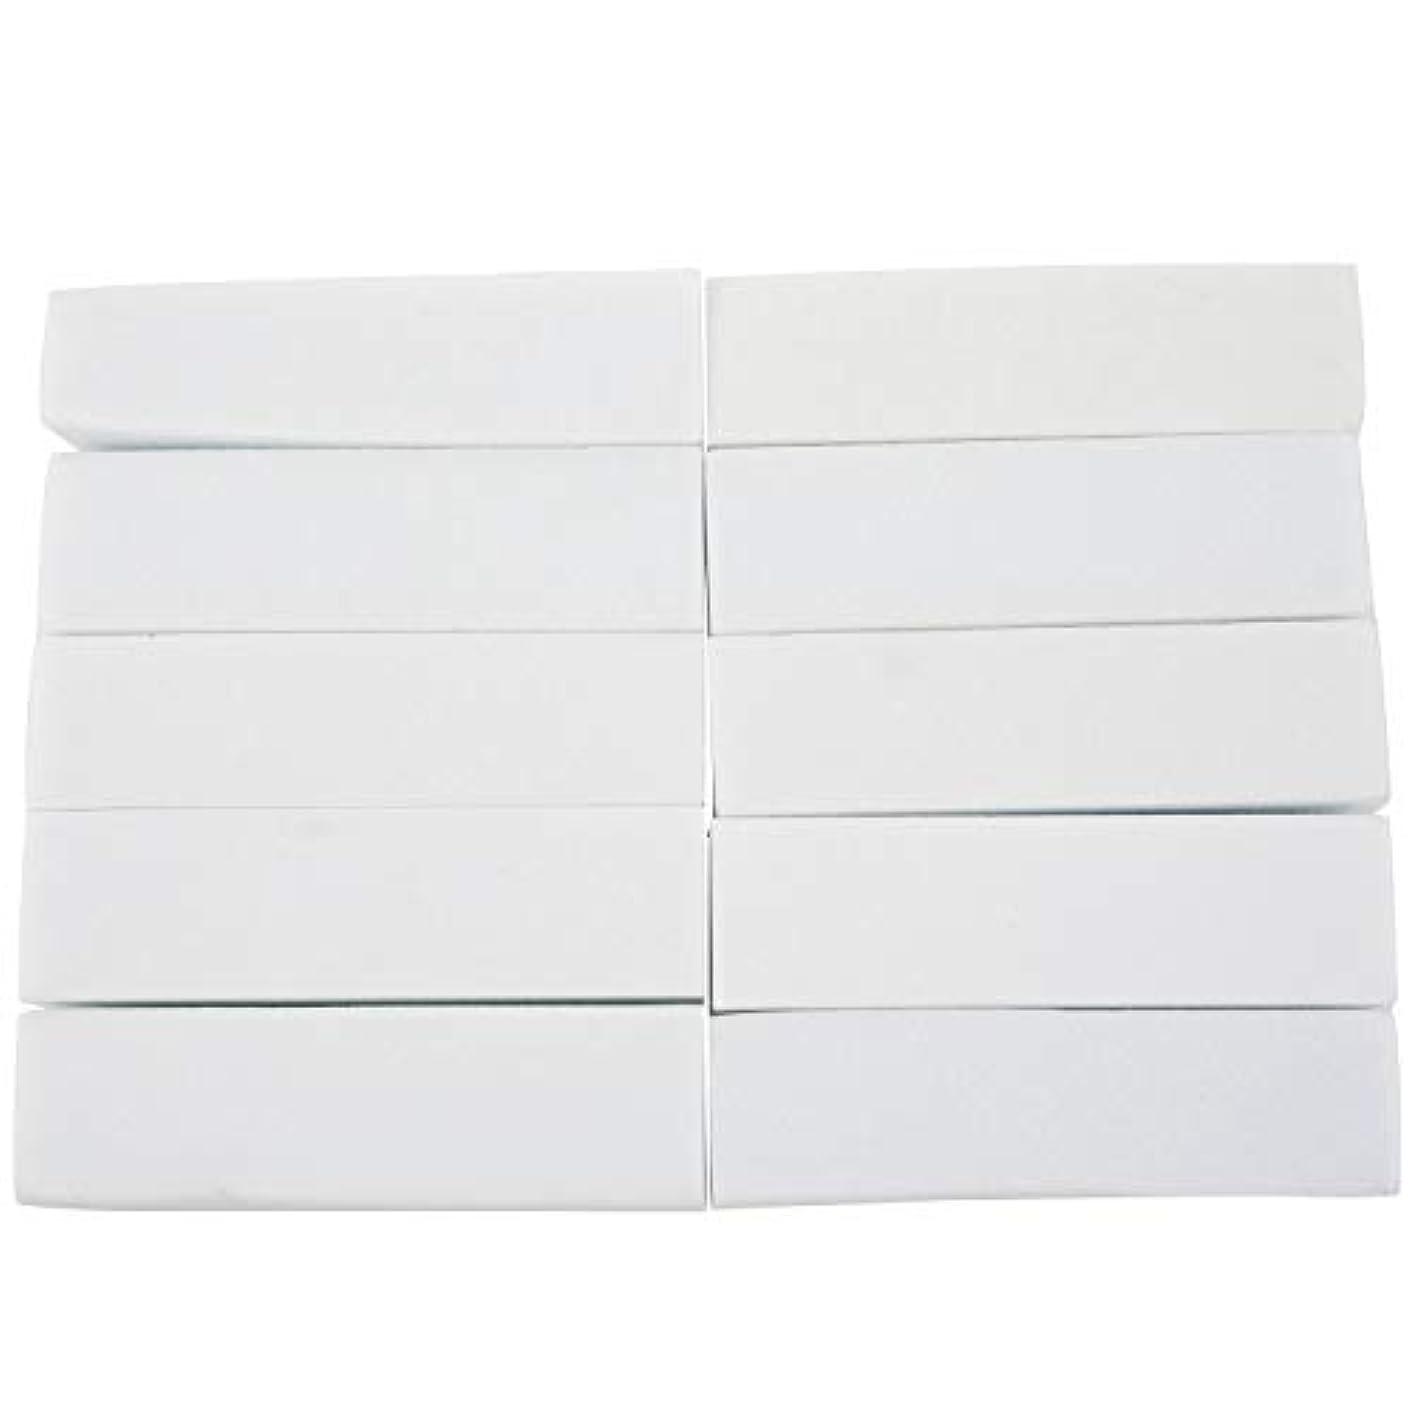 今パターン乱気流Nrpfell 10x白いのアクリルネイルアートのバフ研磨のツール、マニキュアツール